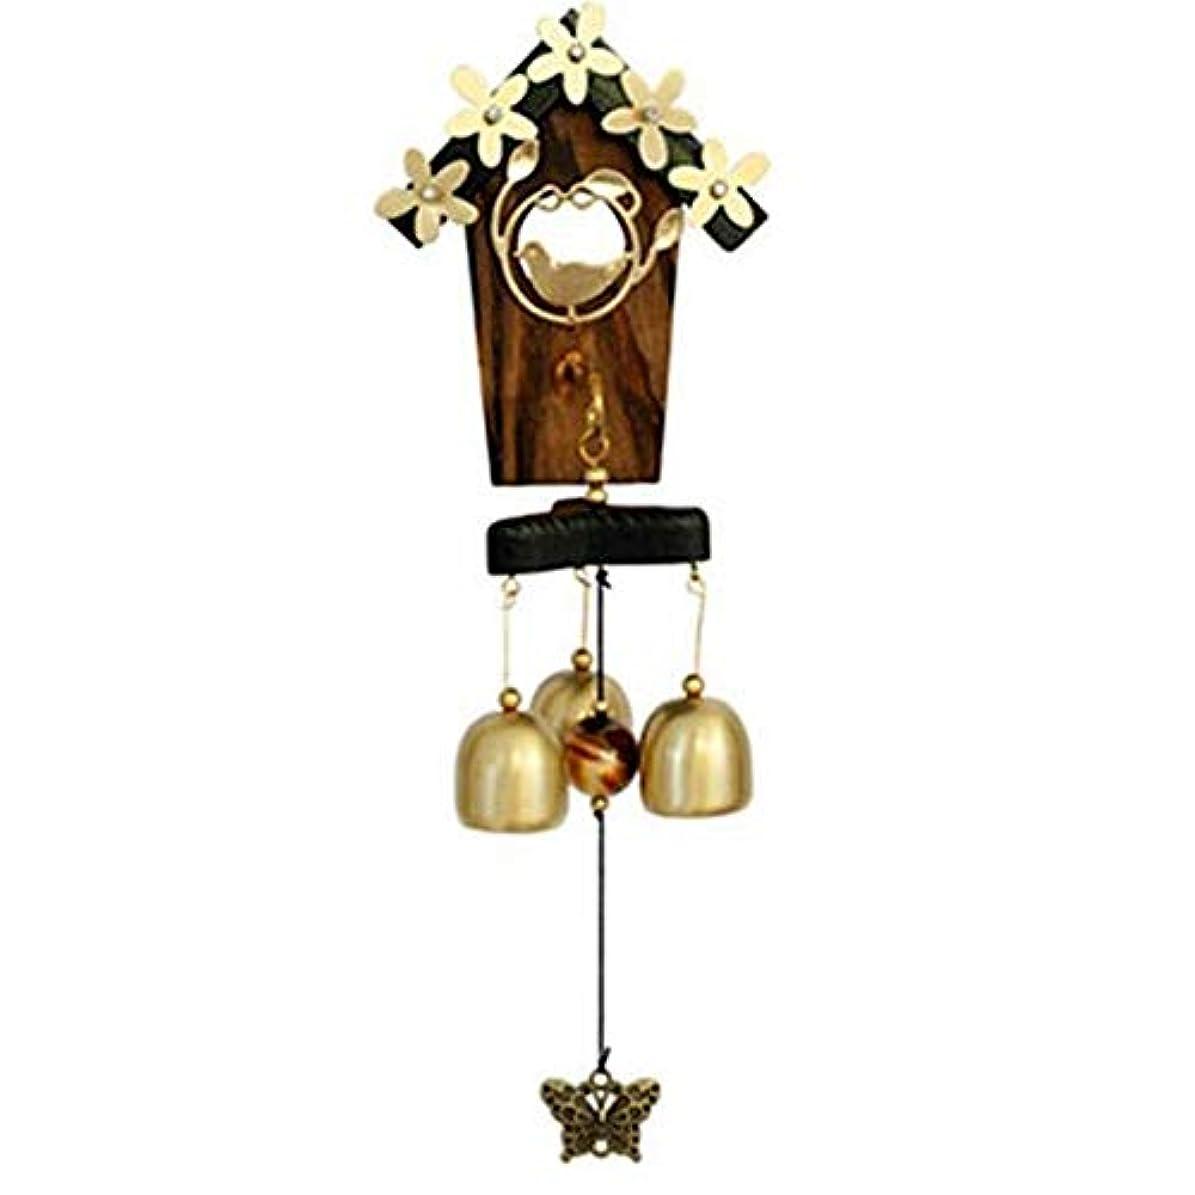 ラフ睡眠ママ今までYougou01 風チャイム、メタルホームデコレーション風チャイム、ゴールド、サイズ35CM 、創造的な装飾